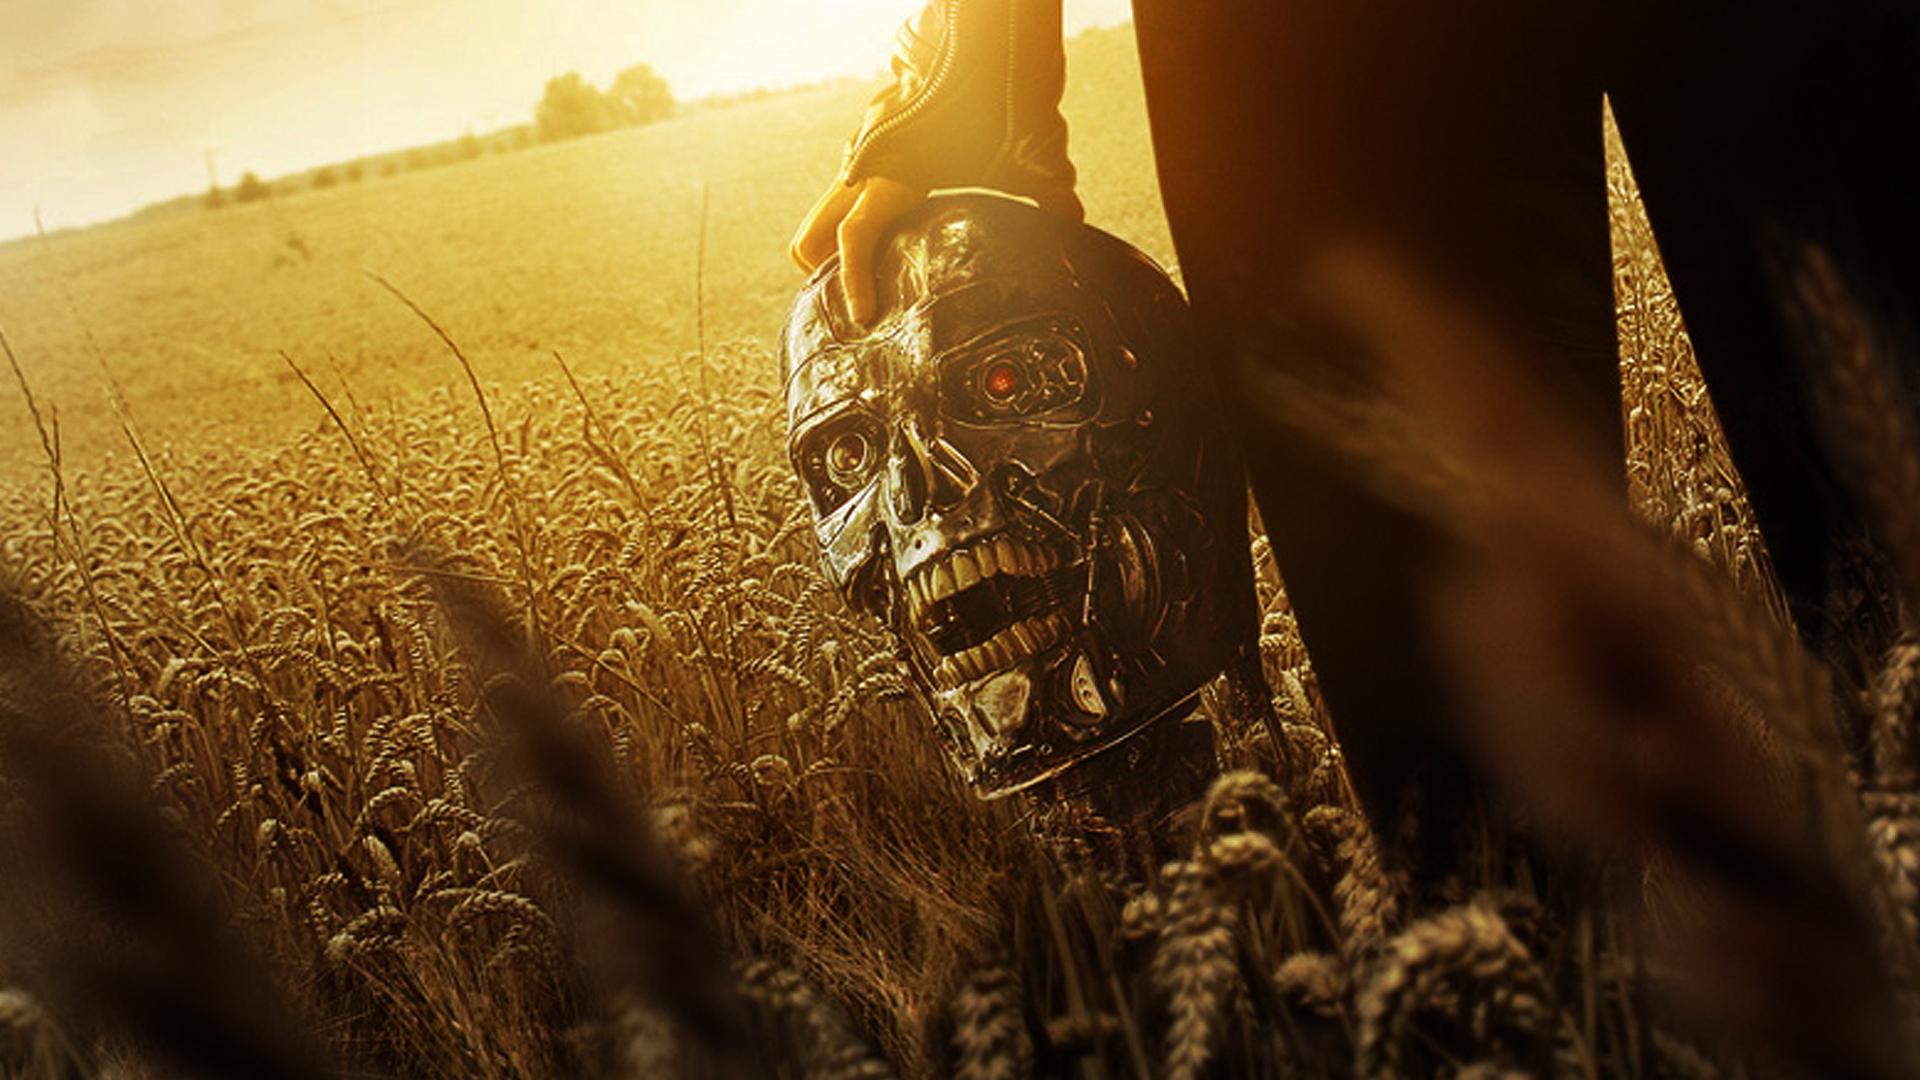 terminator posters | Terminator Genisys Poster Movie 2015 Free ...